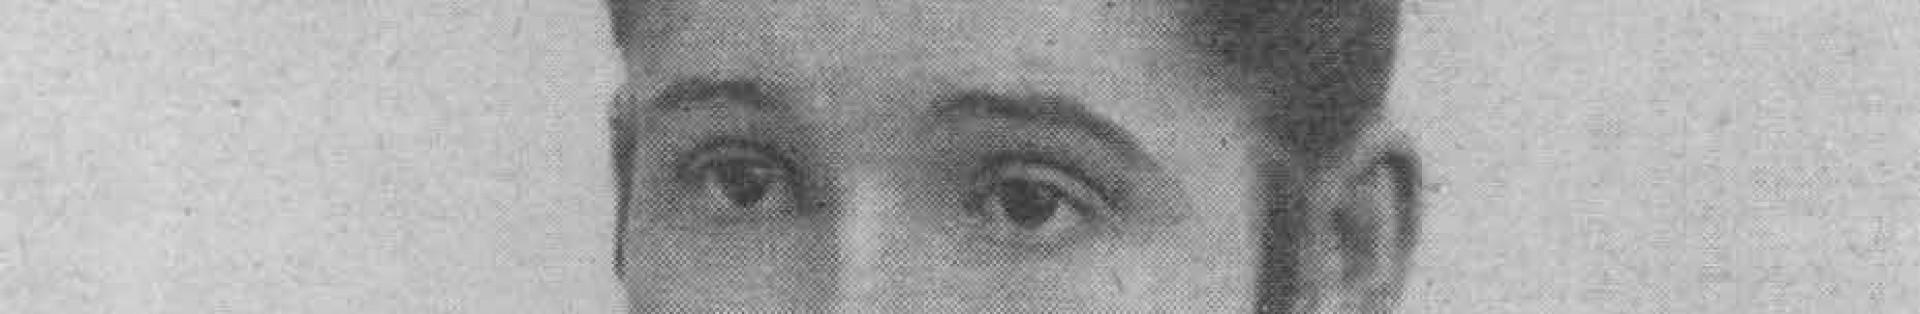 OLGA BOZNAŃSKA - HELENA BLUMÓWNA 1949 R. - CZĘŚĆ V